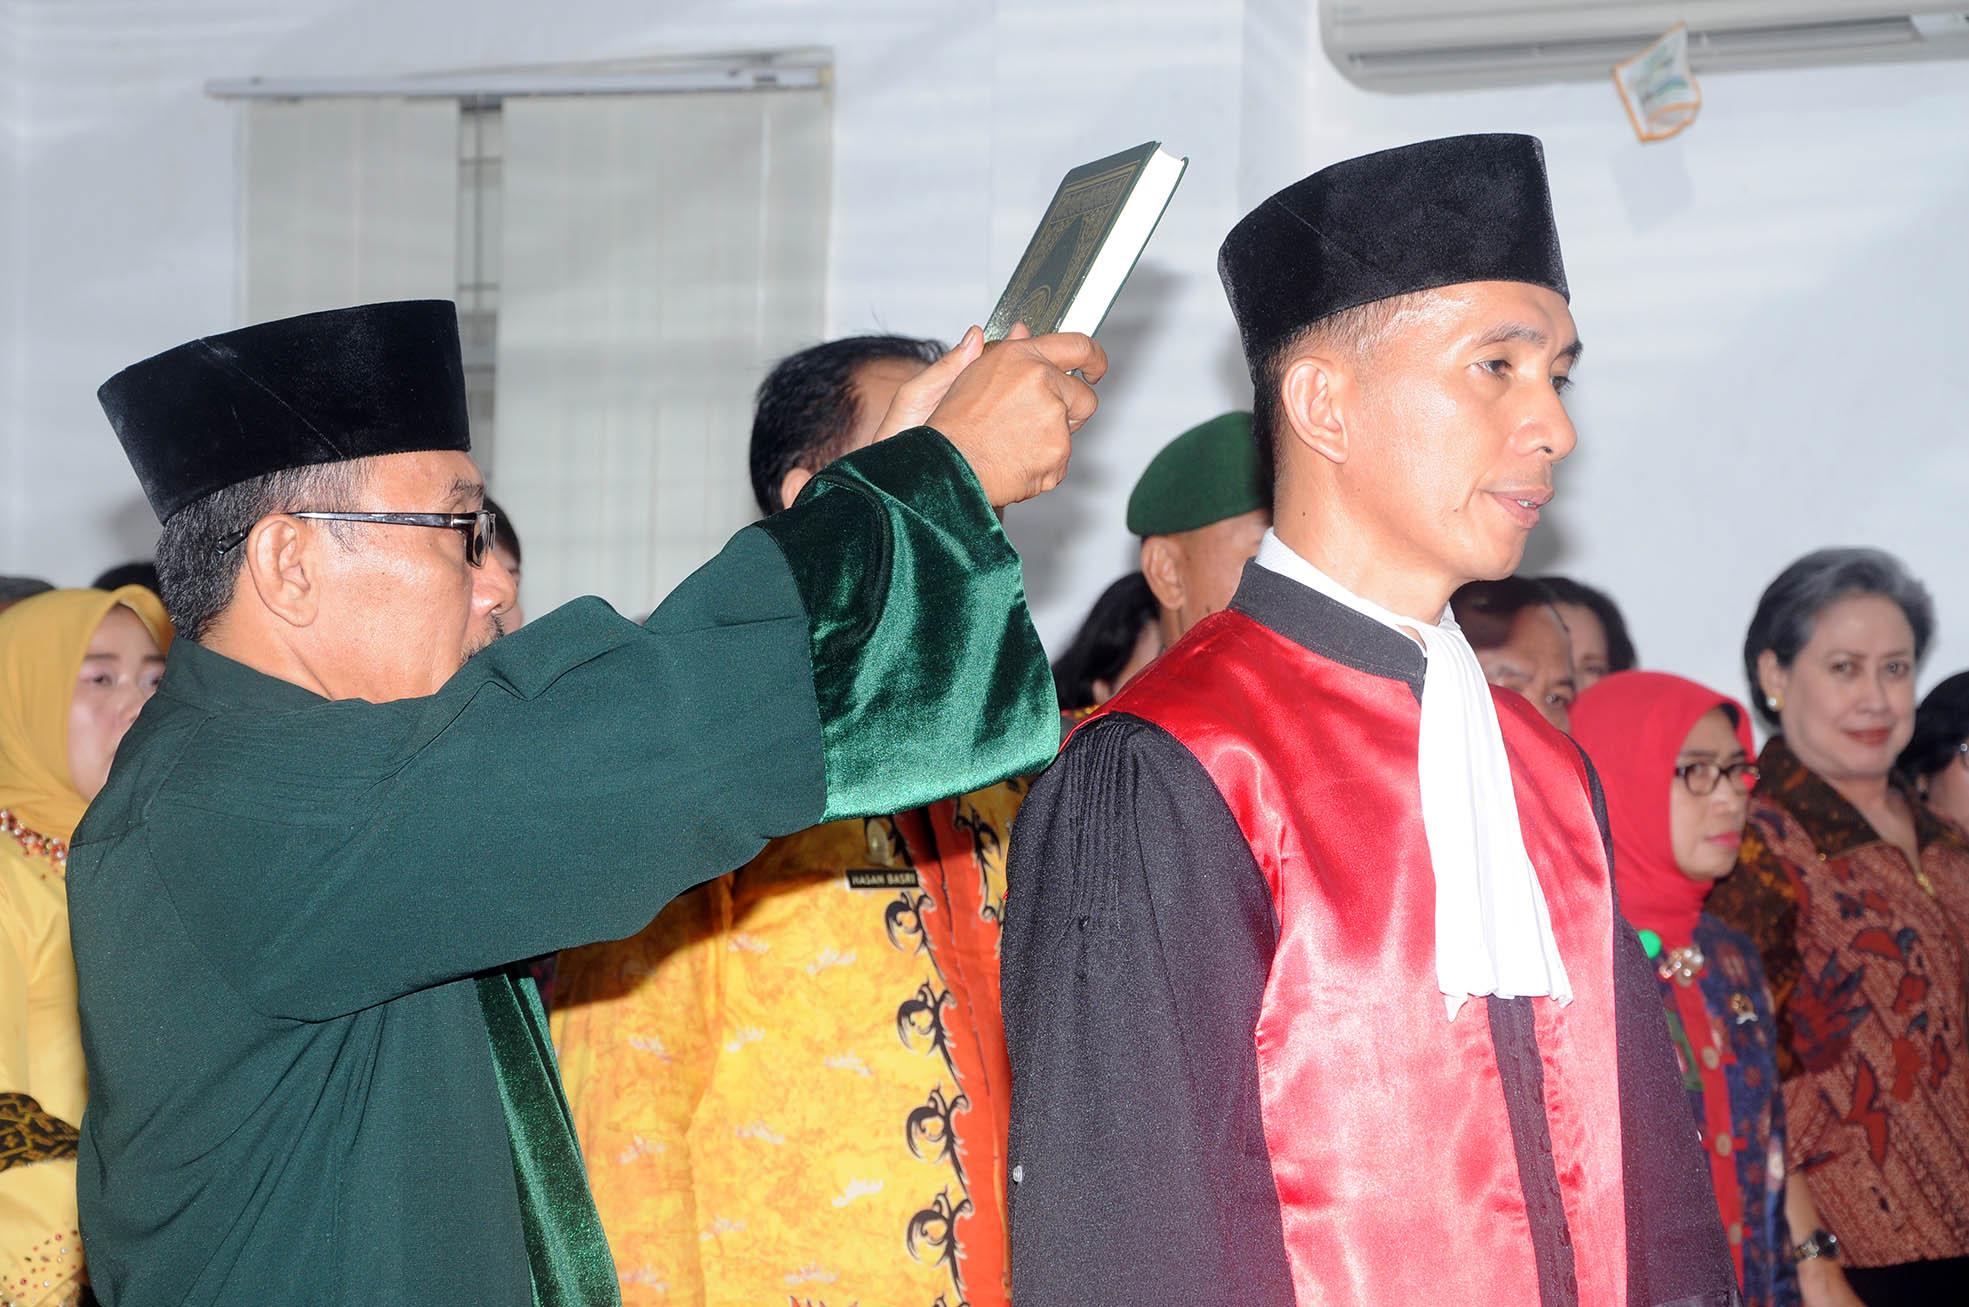 Pengambilan Sumpah, Pelantikan, dan Serah Terima Jabatan Ketua Pengadilan Negeri Gunung Sugih